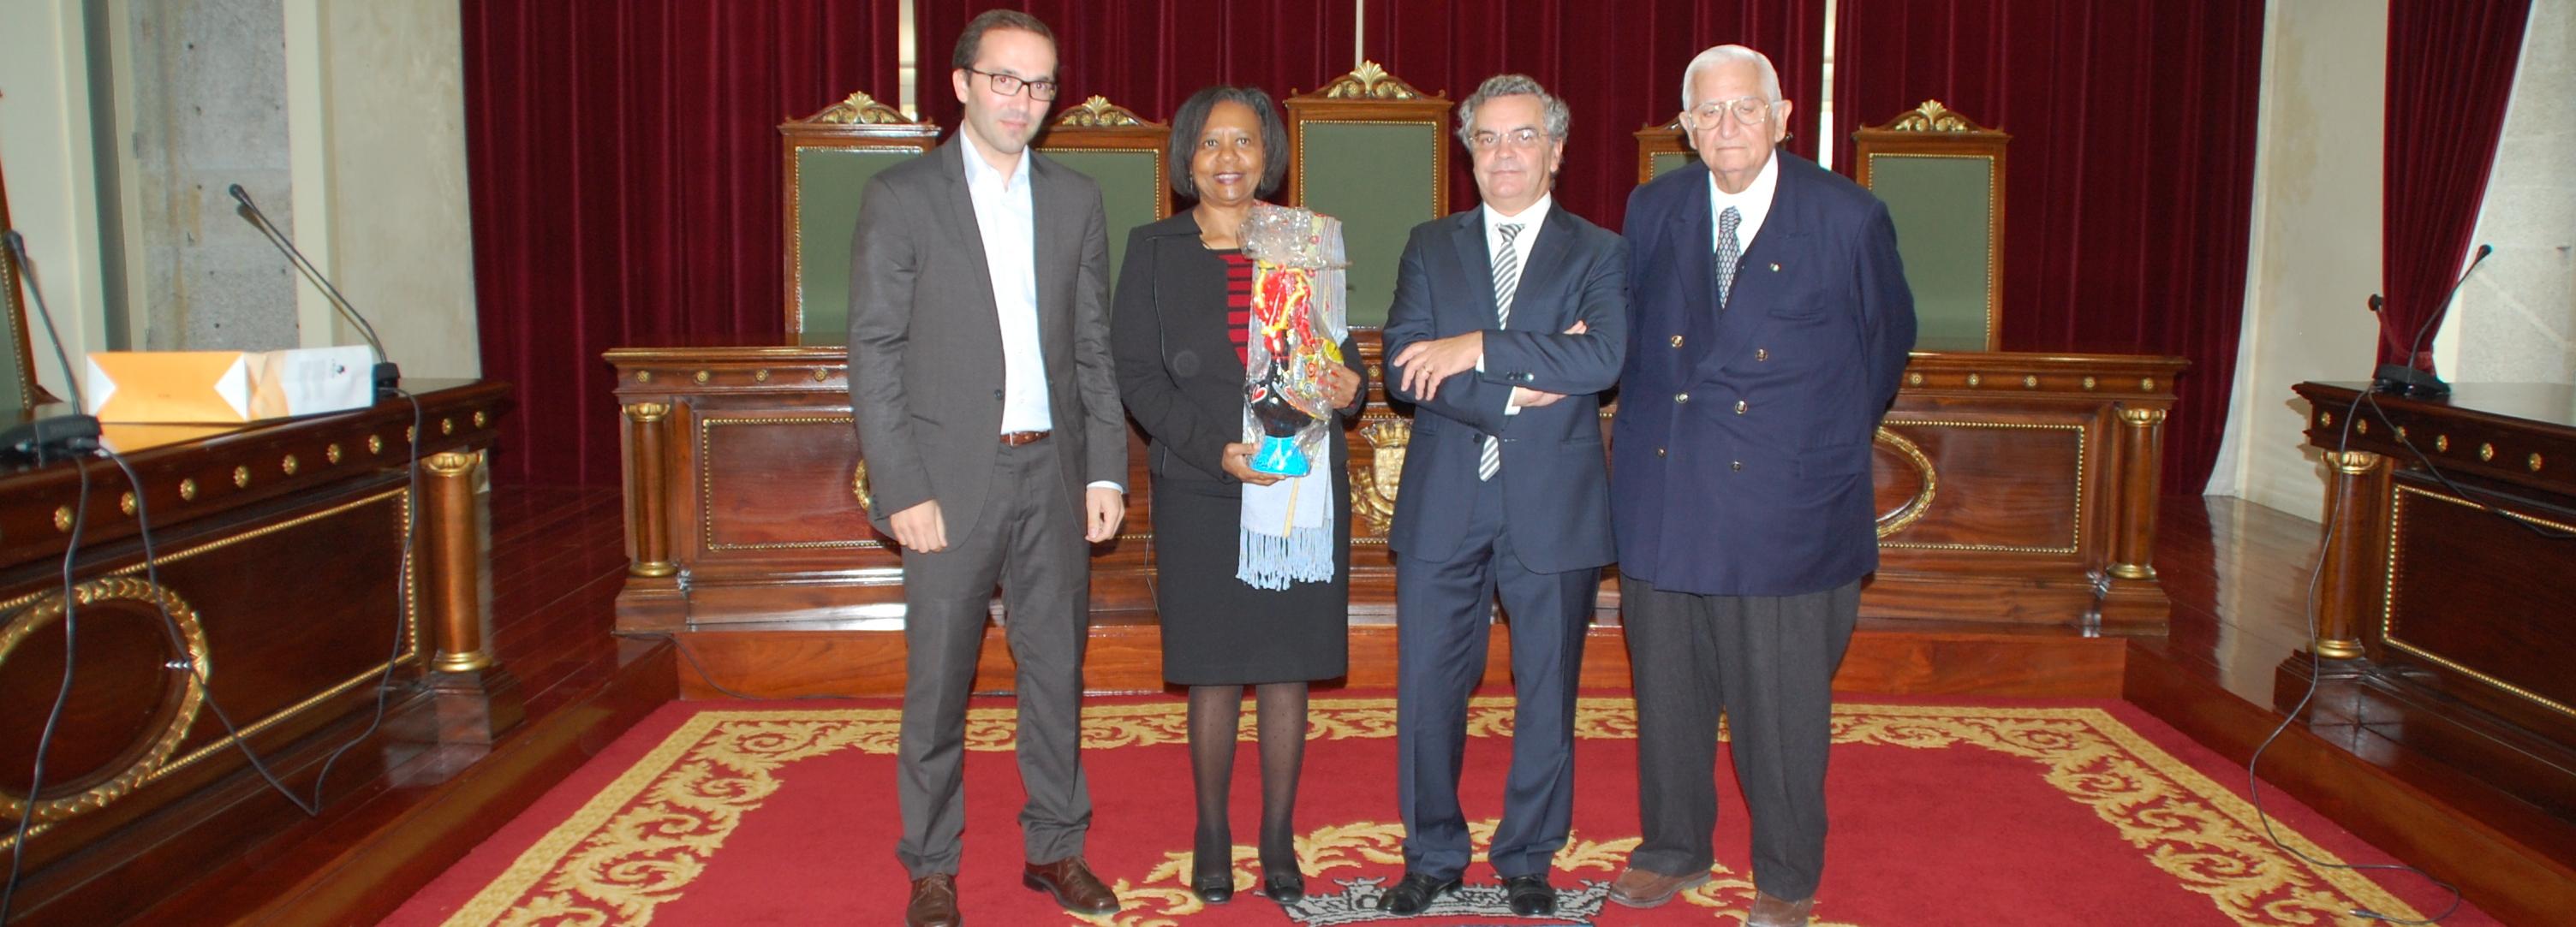 Vice Presidente da Câmara recebe embaixadores da África do Sul e do Paraguai